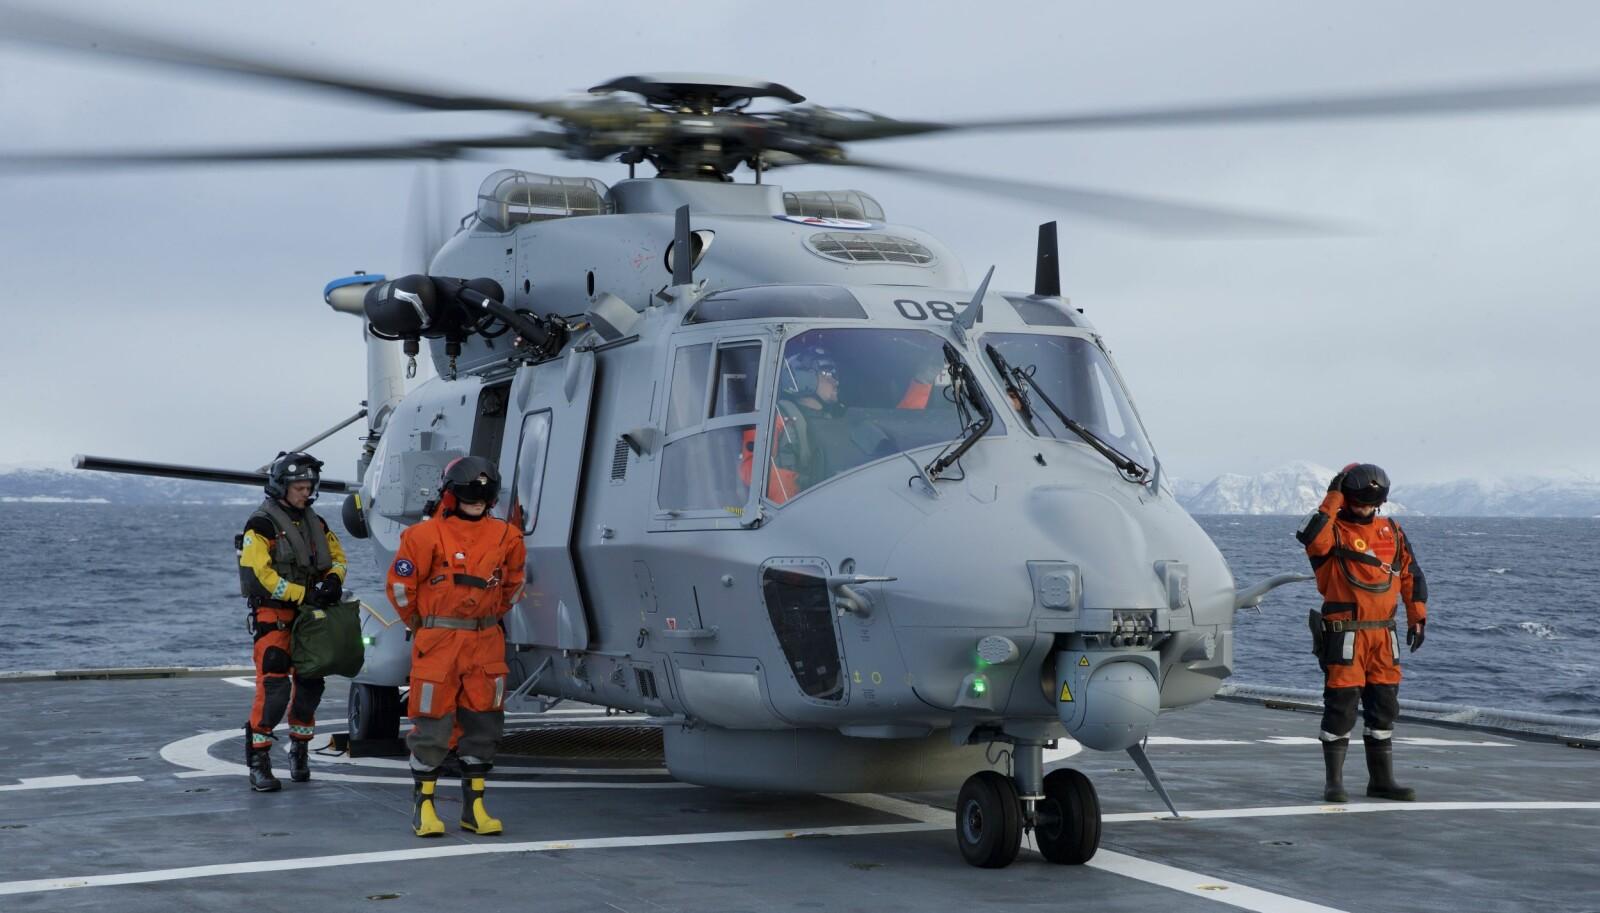 NH-90: Maud har plass til to helikoptre av typen NH-90. Bildet viser et NH-90 helikopter som lander på kystvaktfartøyet KV Senja. NH-90 er et fregatt- og kystvakthelikopter, men p.t. har det for Norges del vært et skandalehelikopter. Riksrevisjonen har kritisert anskaffelsen i kraftige ordelag på grunn av forsinkelser og kostnadsoverskridelser. Det er også satt flere spørsmålstegn ved helikopterets evne til å fylle rollen som det er tiltenkt.